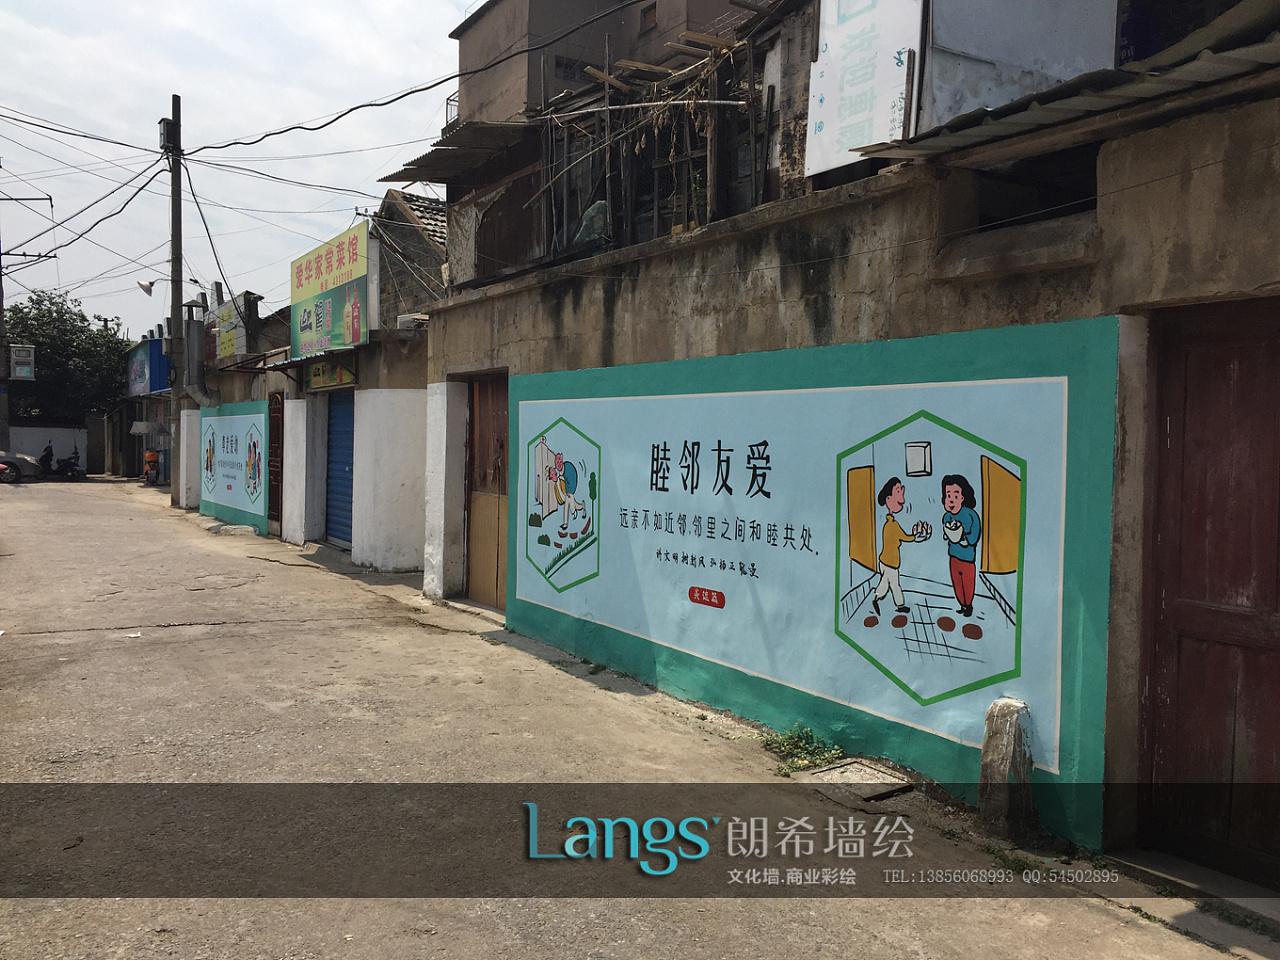 贵州文化墙墙体彩绘_社区围墙彩绘、社区文化墙绘、文明创建漫画、新农村墙绘|纯 ...